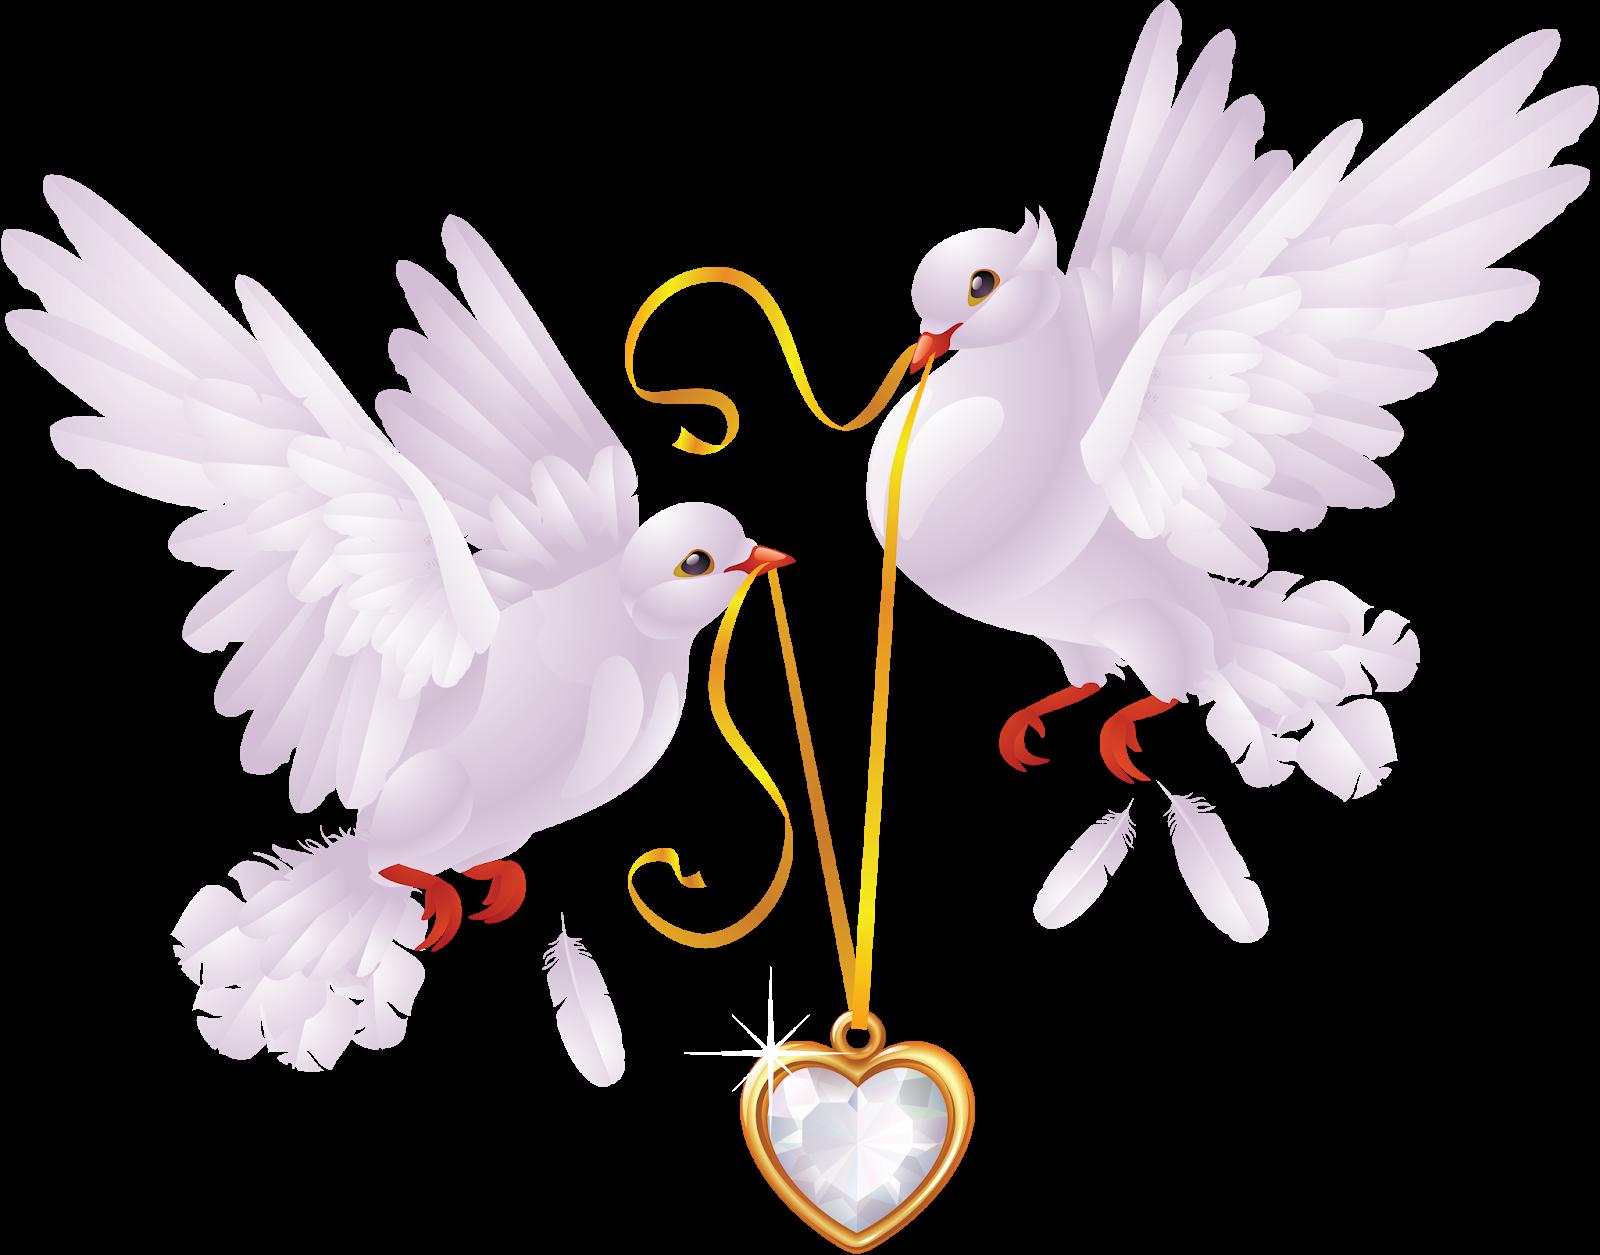 свадебные голуби анимационные картинки майнкрафт вполне